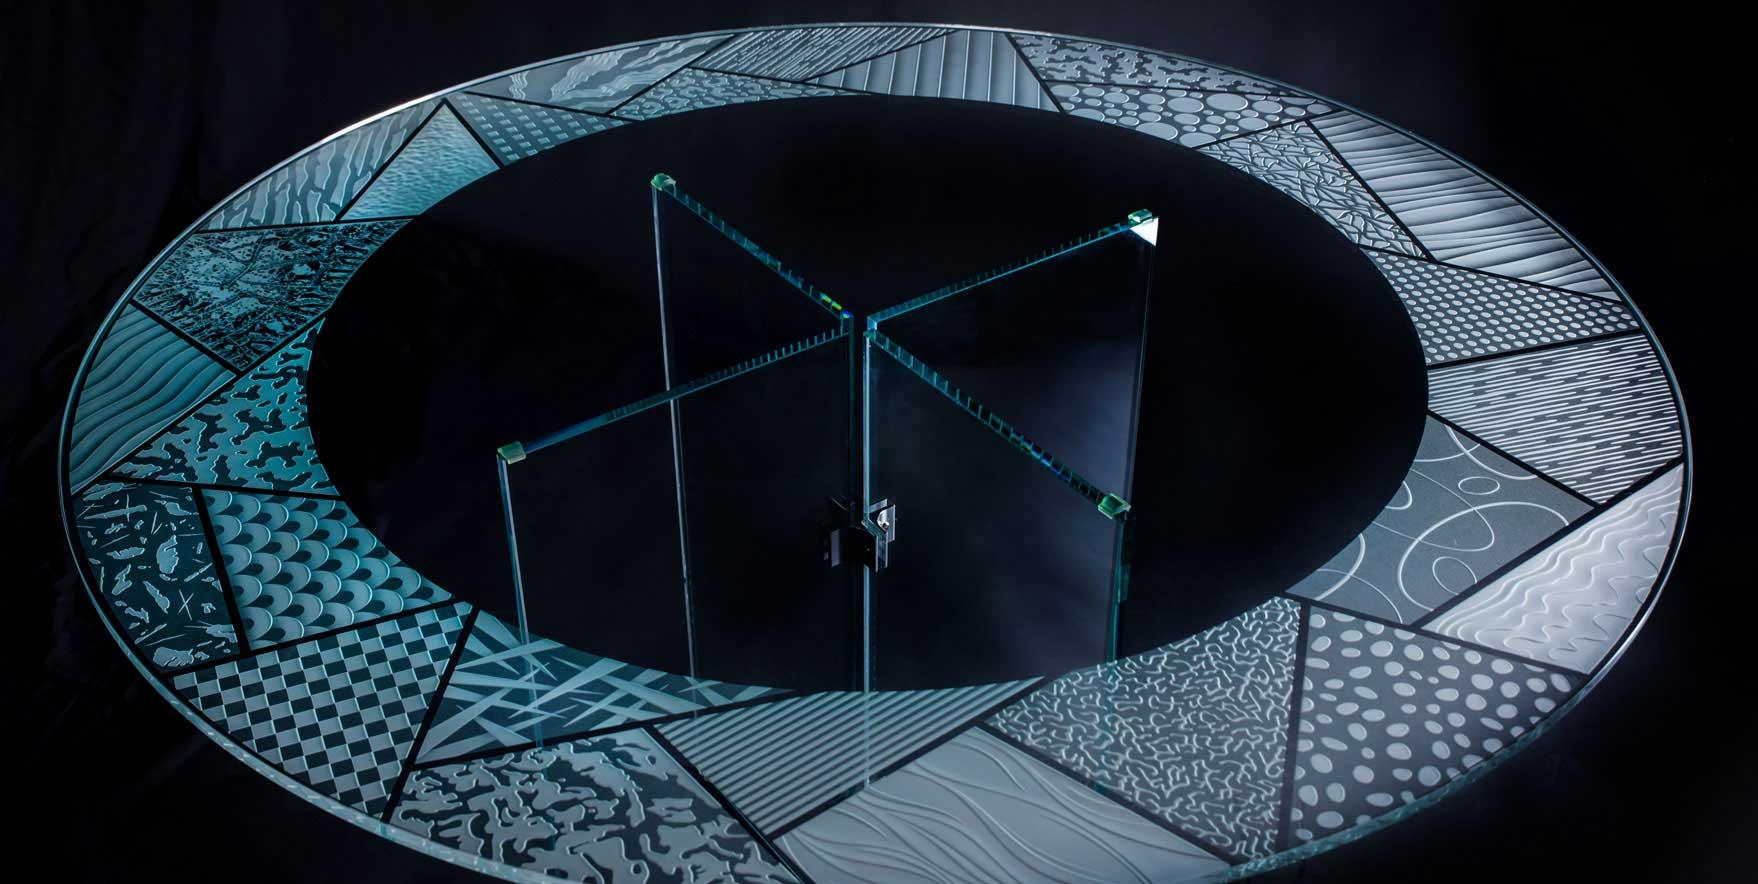 Matrix-Glass-Table-by-Sans-Soucie